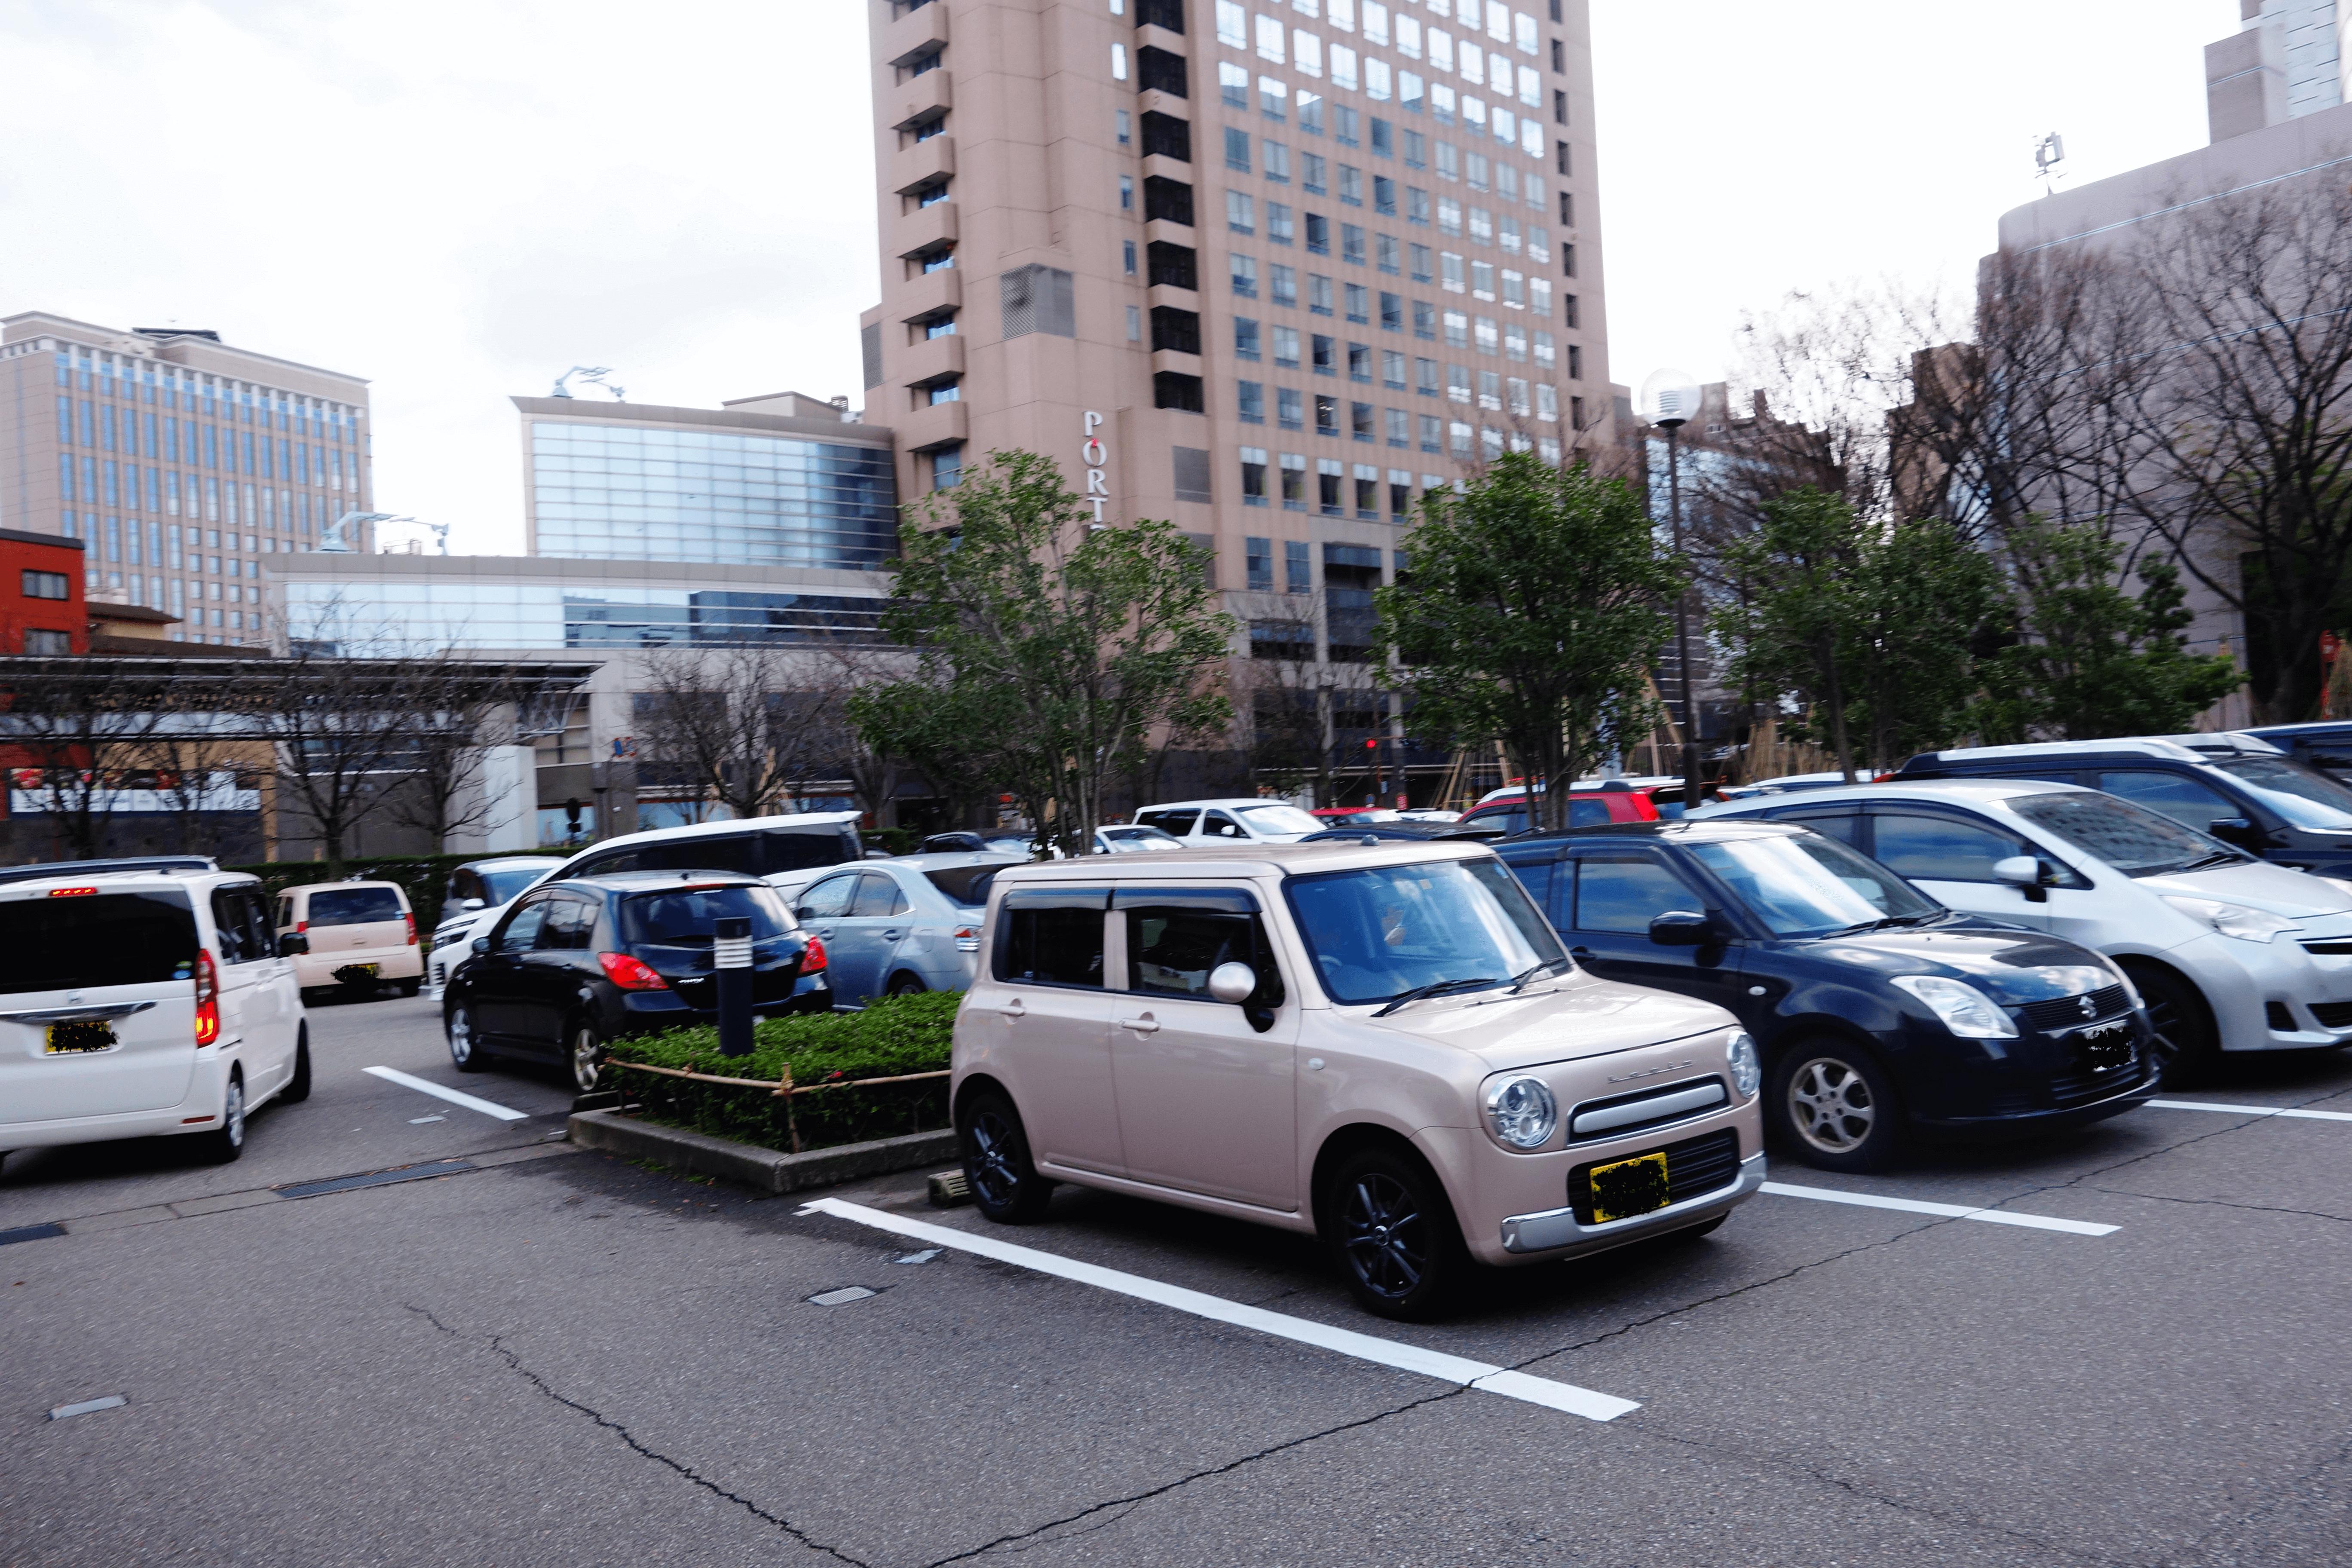 金沢駅東広場自家用駐車場|金沢市で駐車場料金をお得にする役立つ情報まとめ